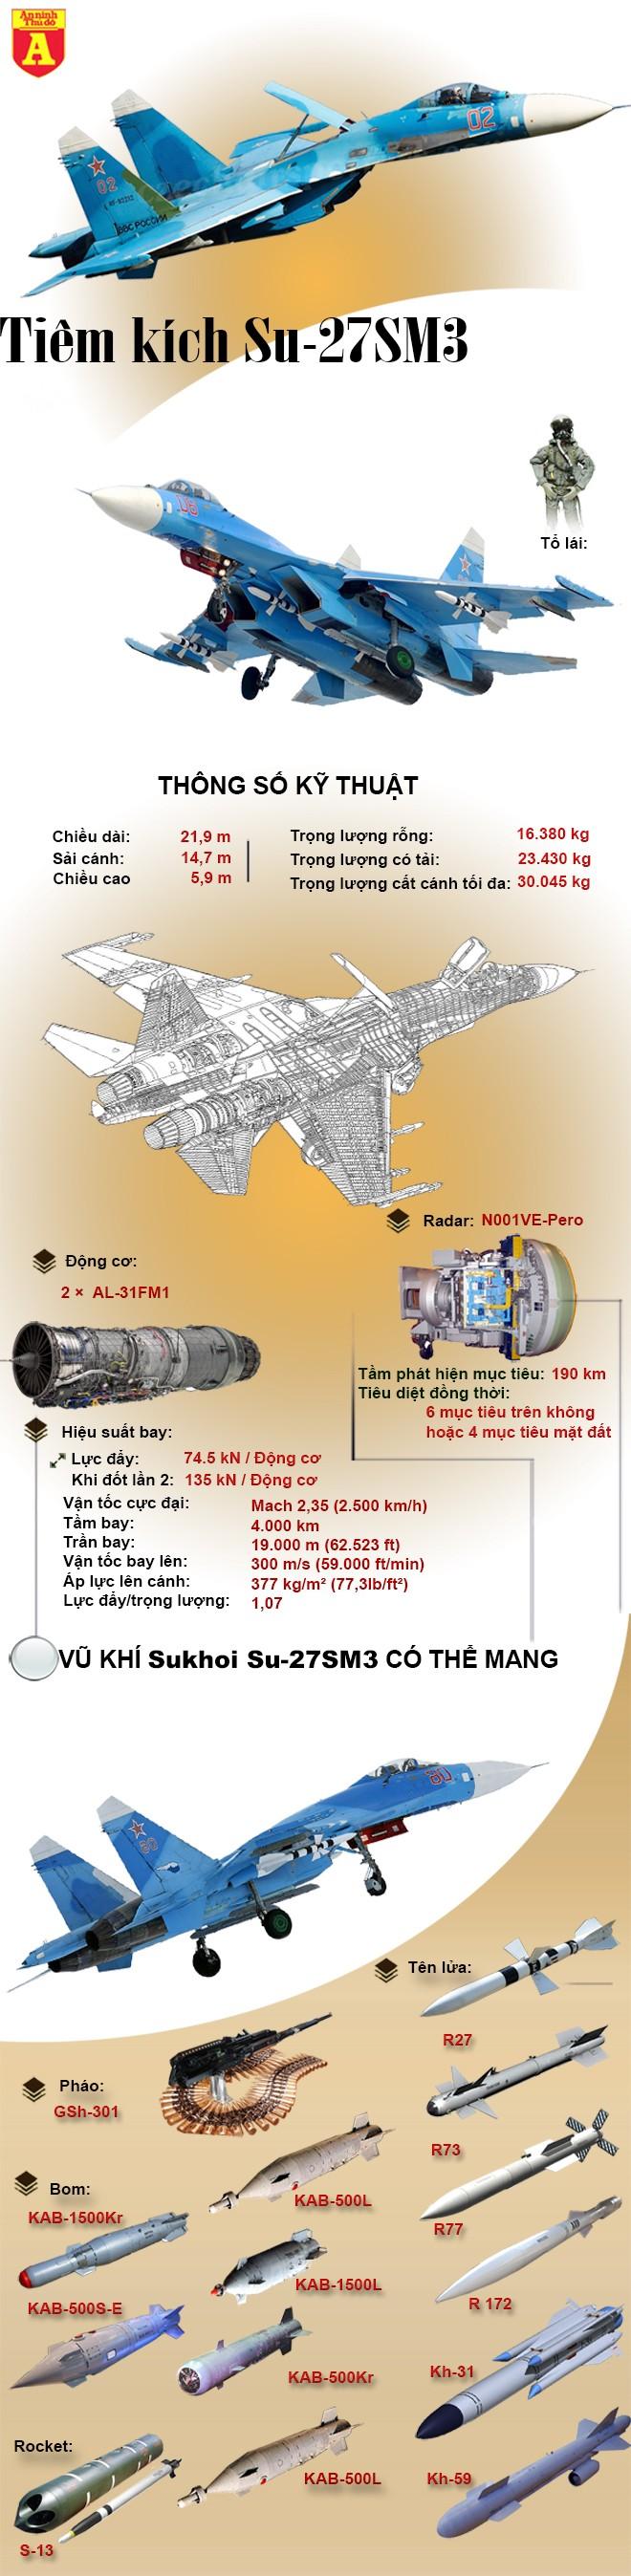 [Infographic] Thử lửa tại Syria, Su-27SM3 khiến Mỹ đi từ bất ngờ đến thán phục ảnh 2